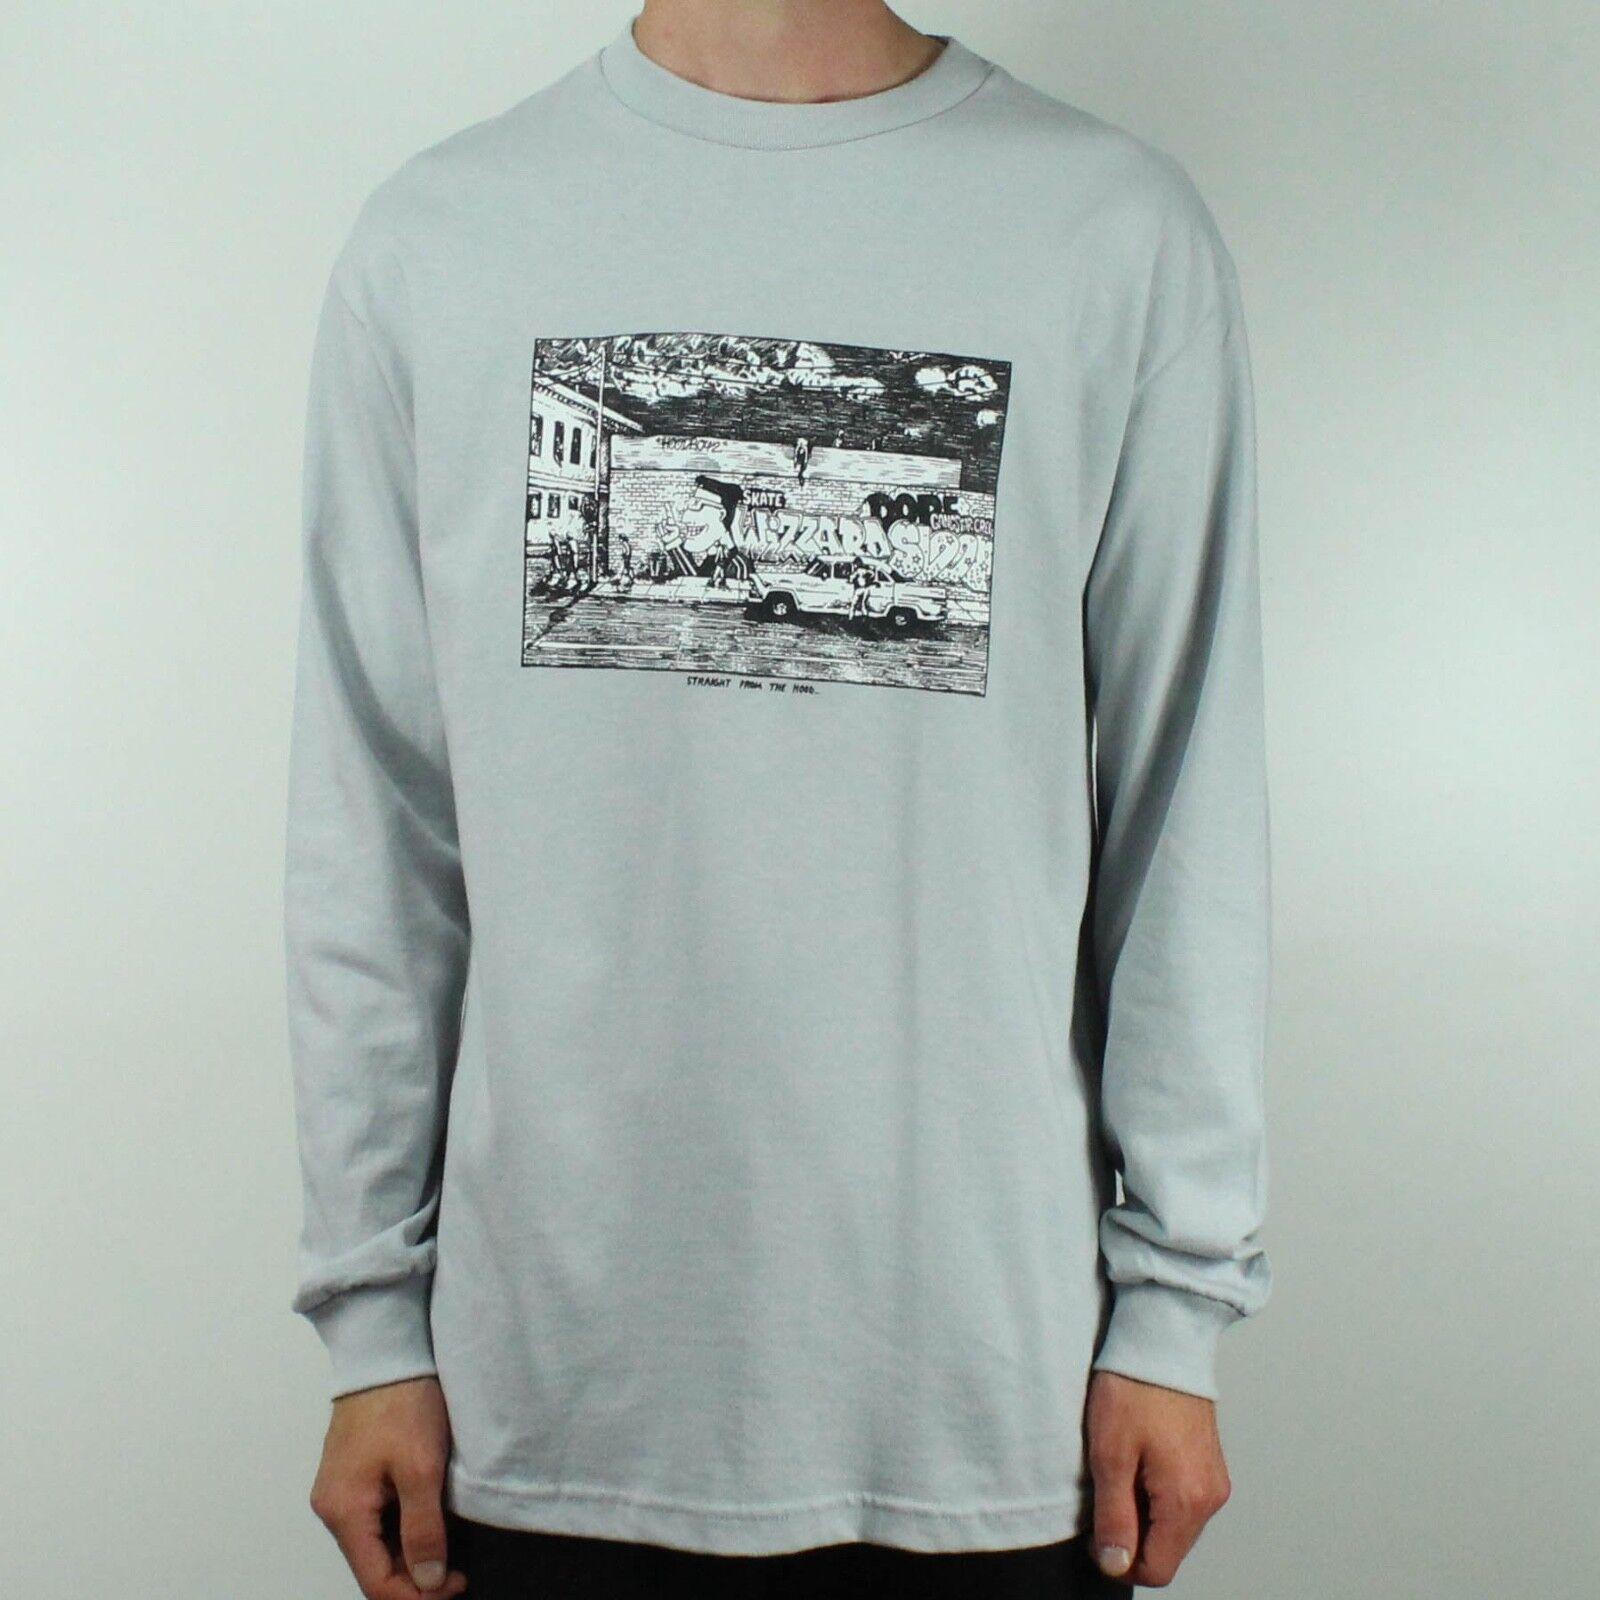 Polar direttamente dal cappuccio manica lunga T-shirt tee in grigio taglia S, M, L